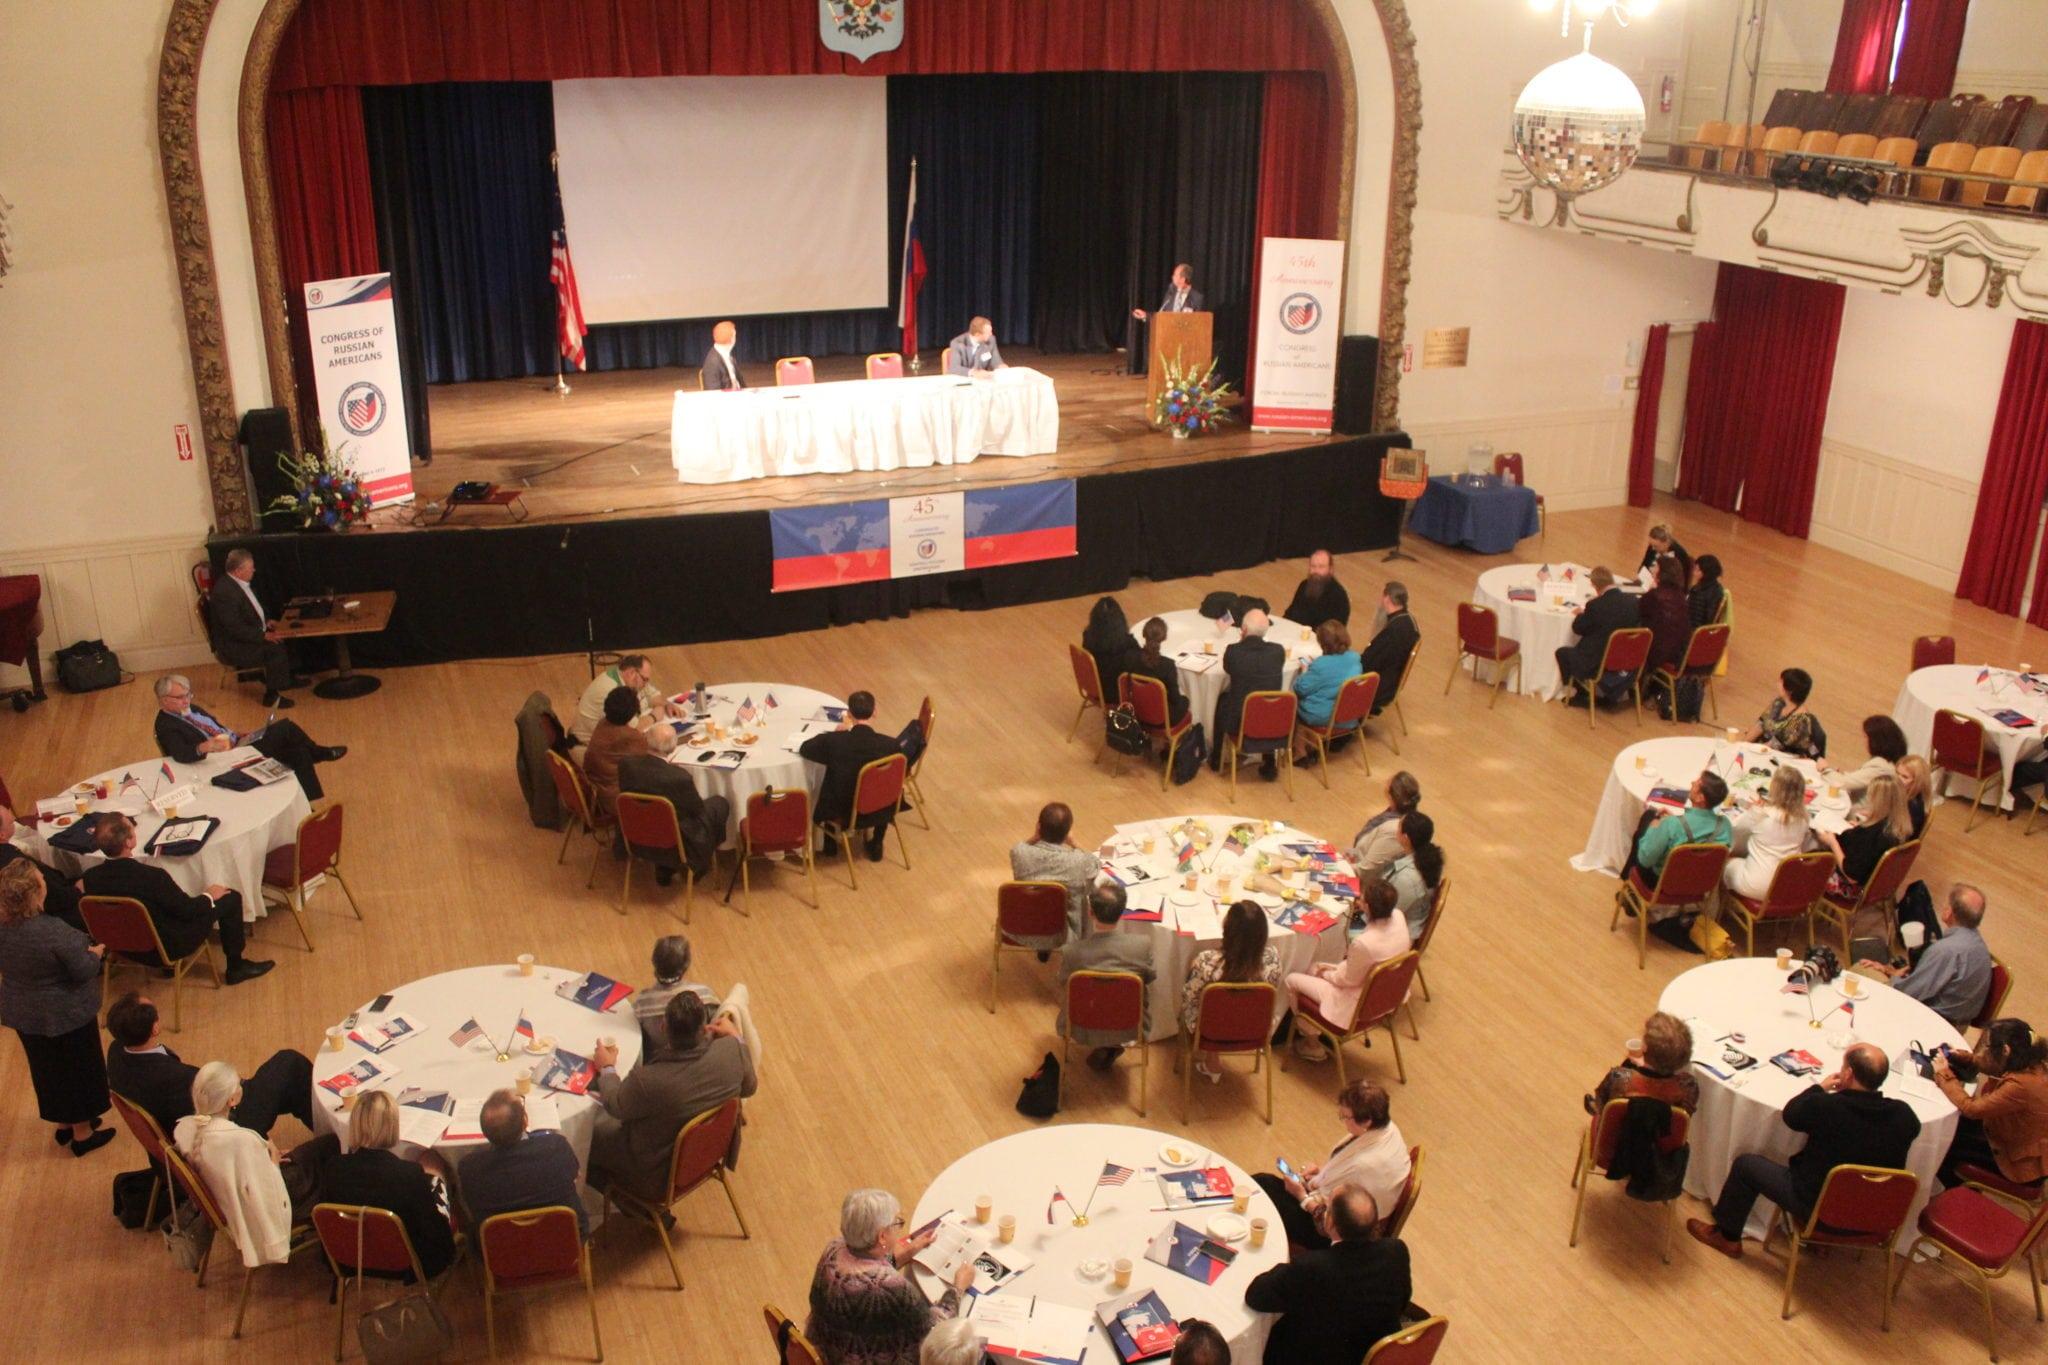 IMG 7007 - Форумы русских в америке